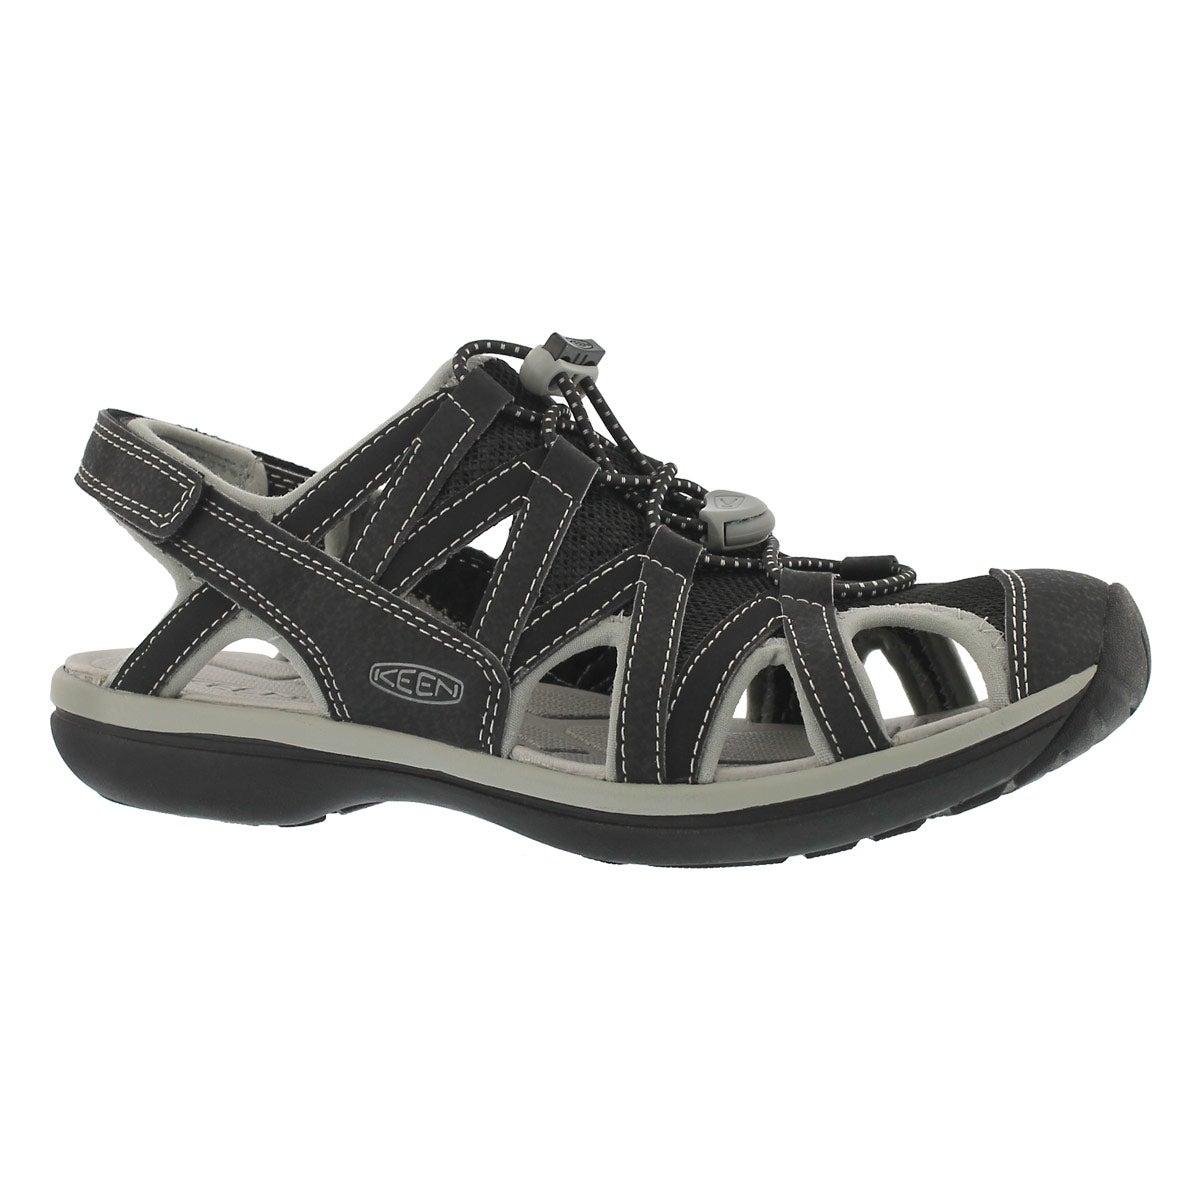 Women's SAGE black sport sandals